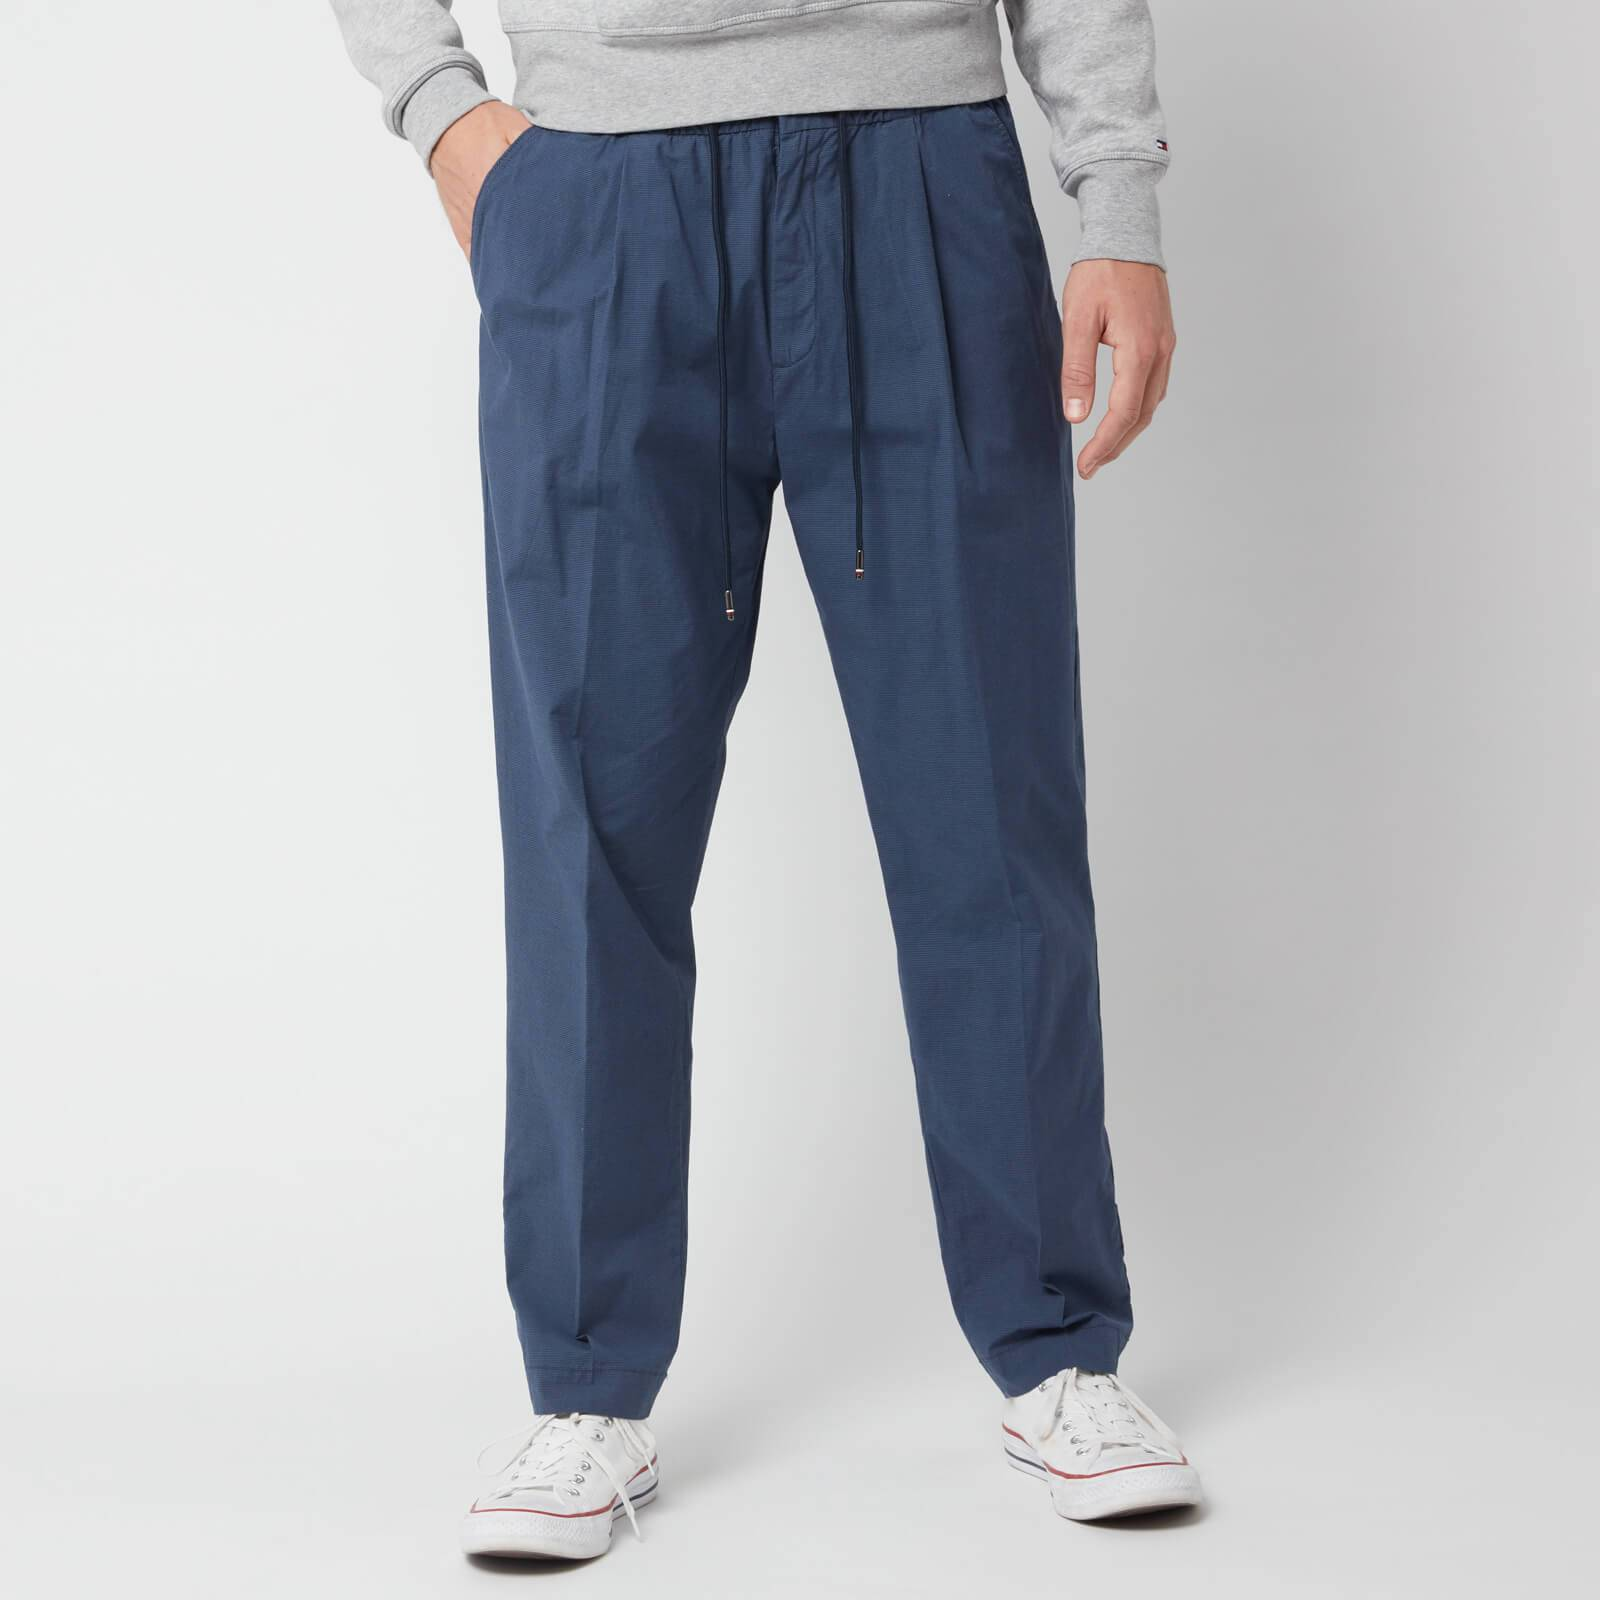 Tommy Hilfiger Men's Puppytooth Active Cotton Pants - Blue Quartz - L/W36 - Blue